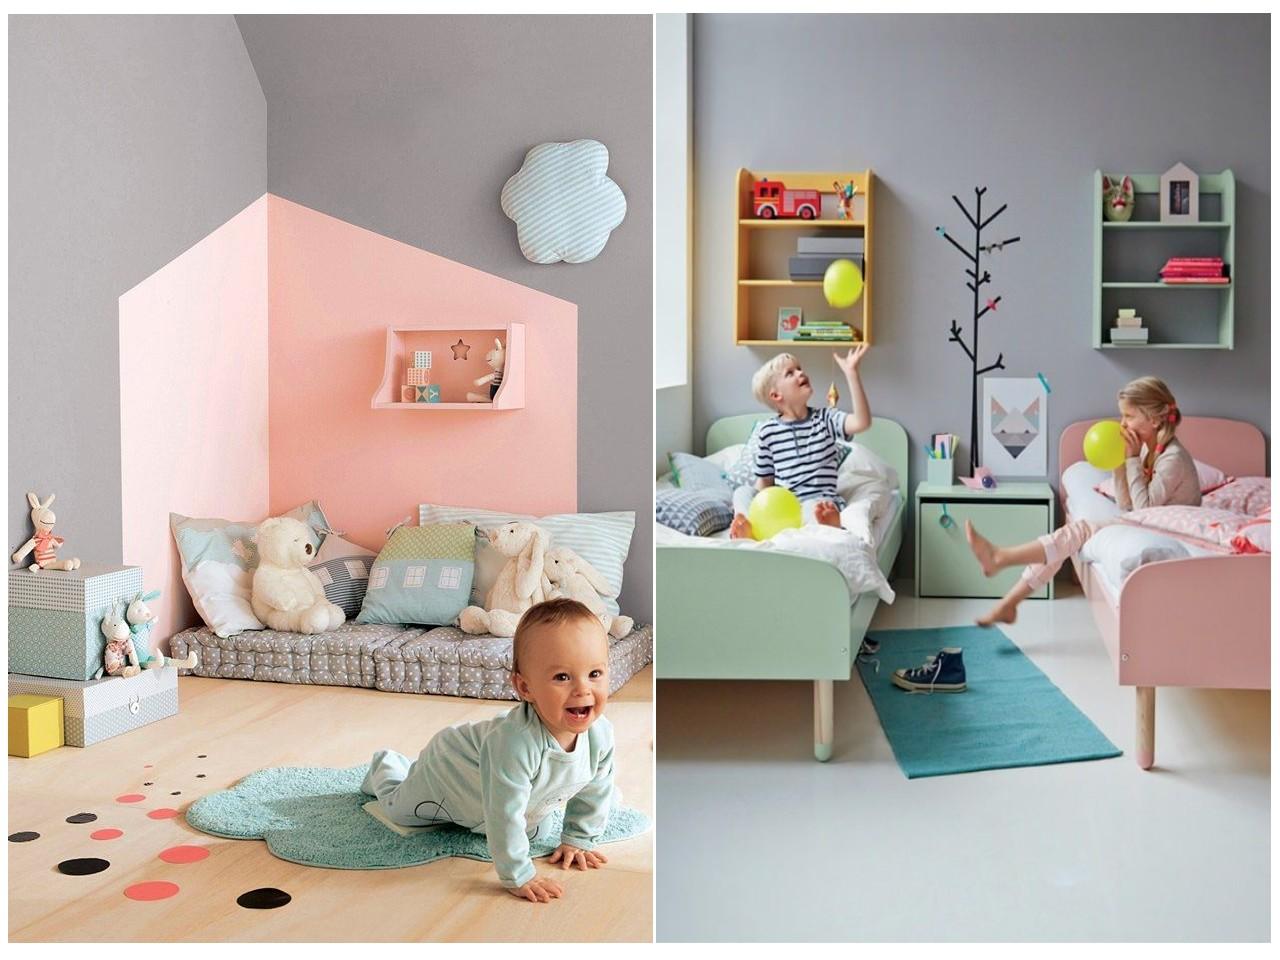 Ap ntate a la decoraci n en color gris - Decoracion para habitaciones infantiles ...